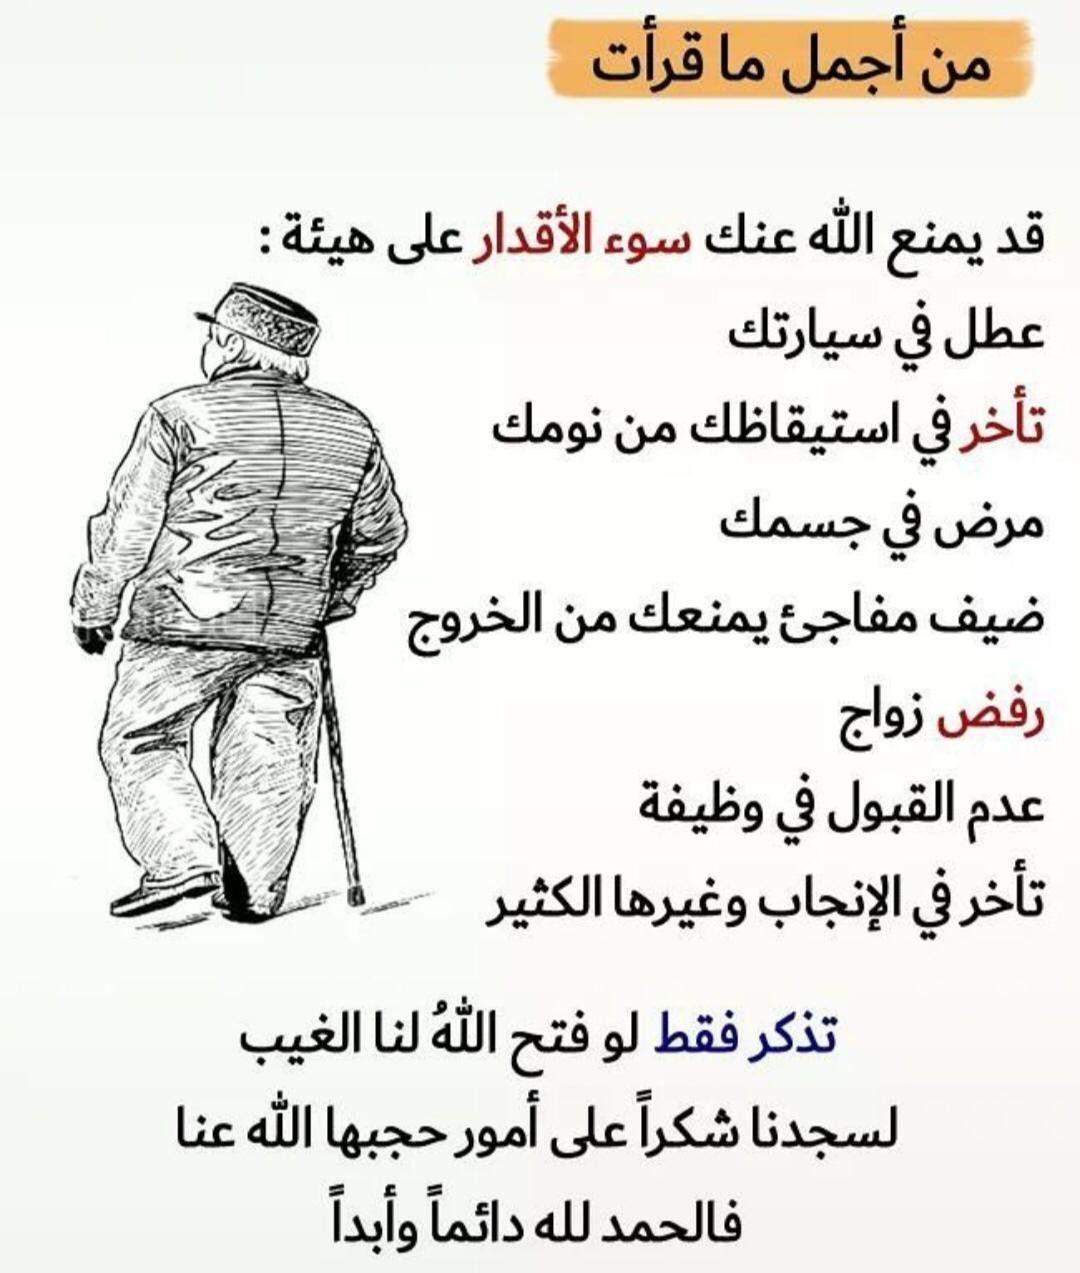 الحمد الله دائما وابدا True Quotes Islamic Phrases Wisdom Quotes